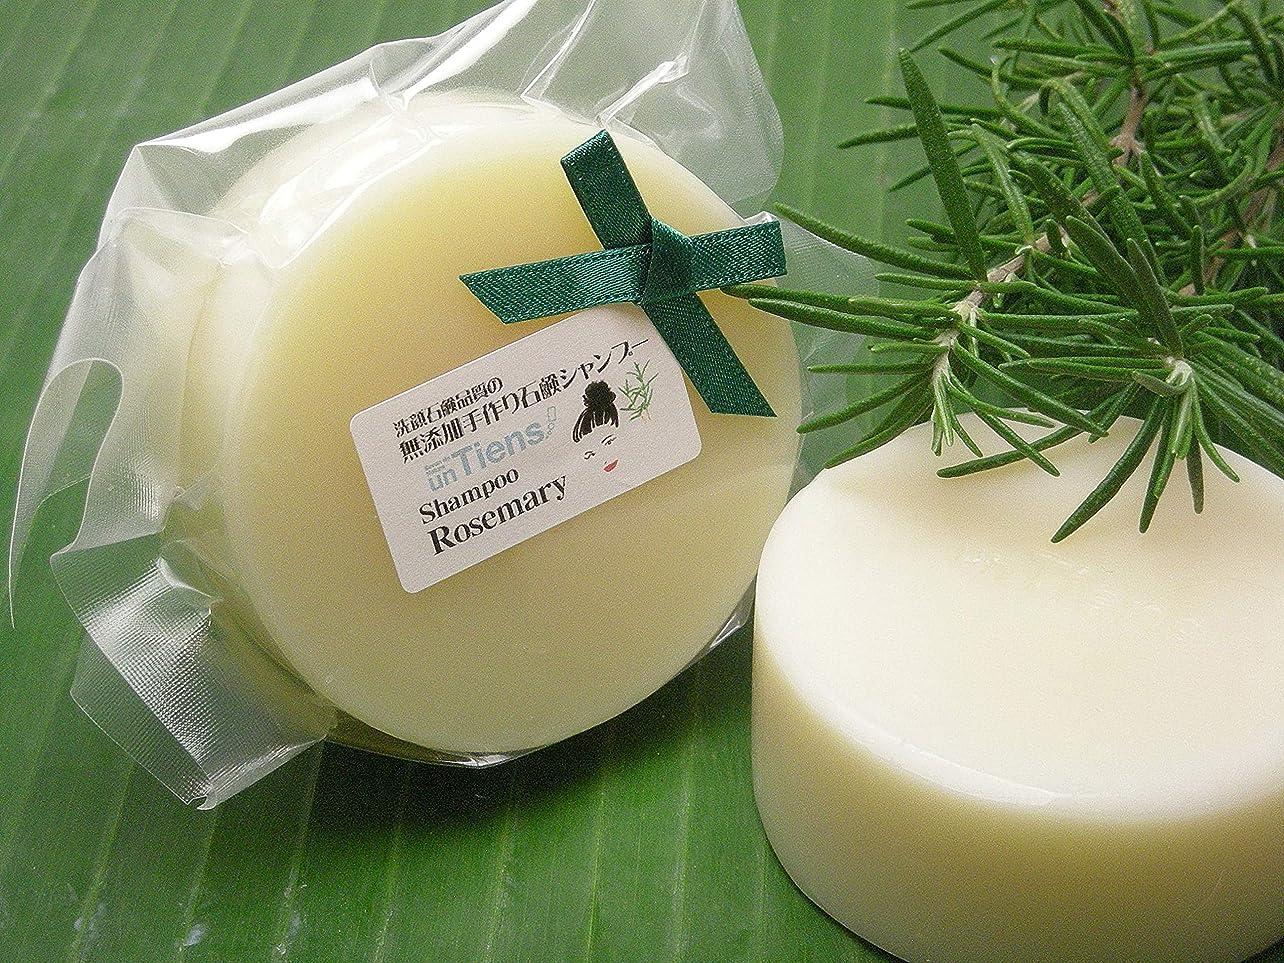 よく話されるうつ高さ洗顔石鹸品質の無添加手作り固形石鹸シャンプー 「ローズマリー」たっぷり使える丸型100g